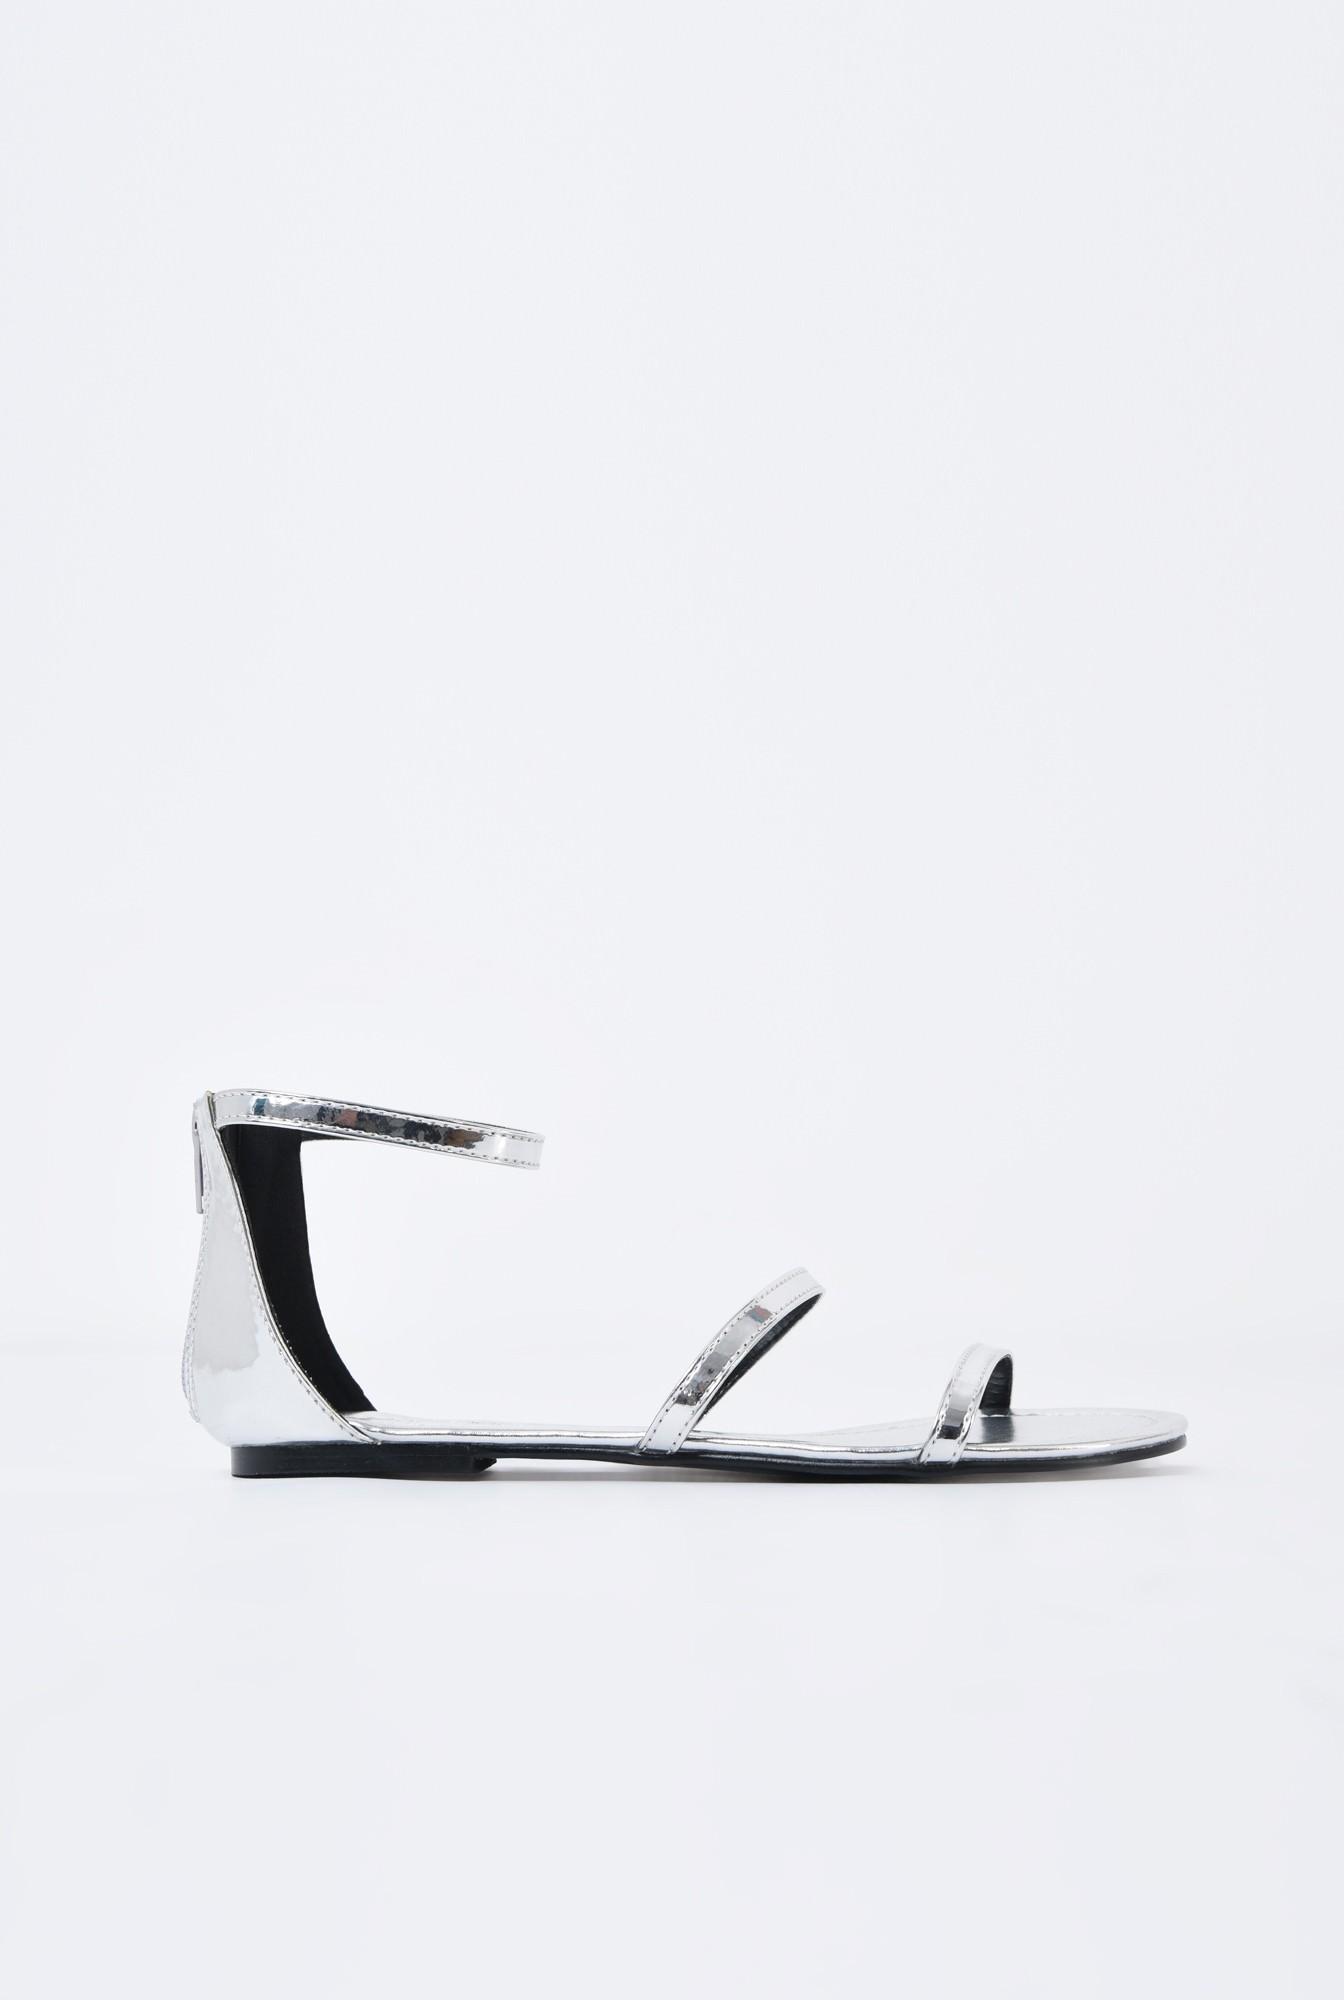 0 - sandale comode, fara toc, argintii, cu barete subtiri